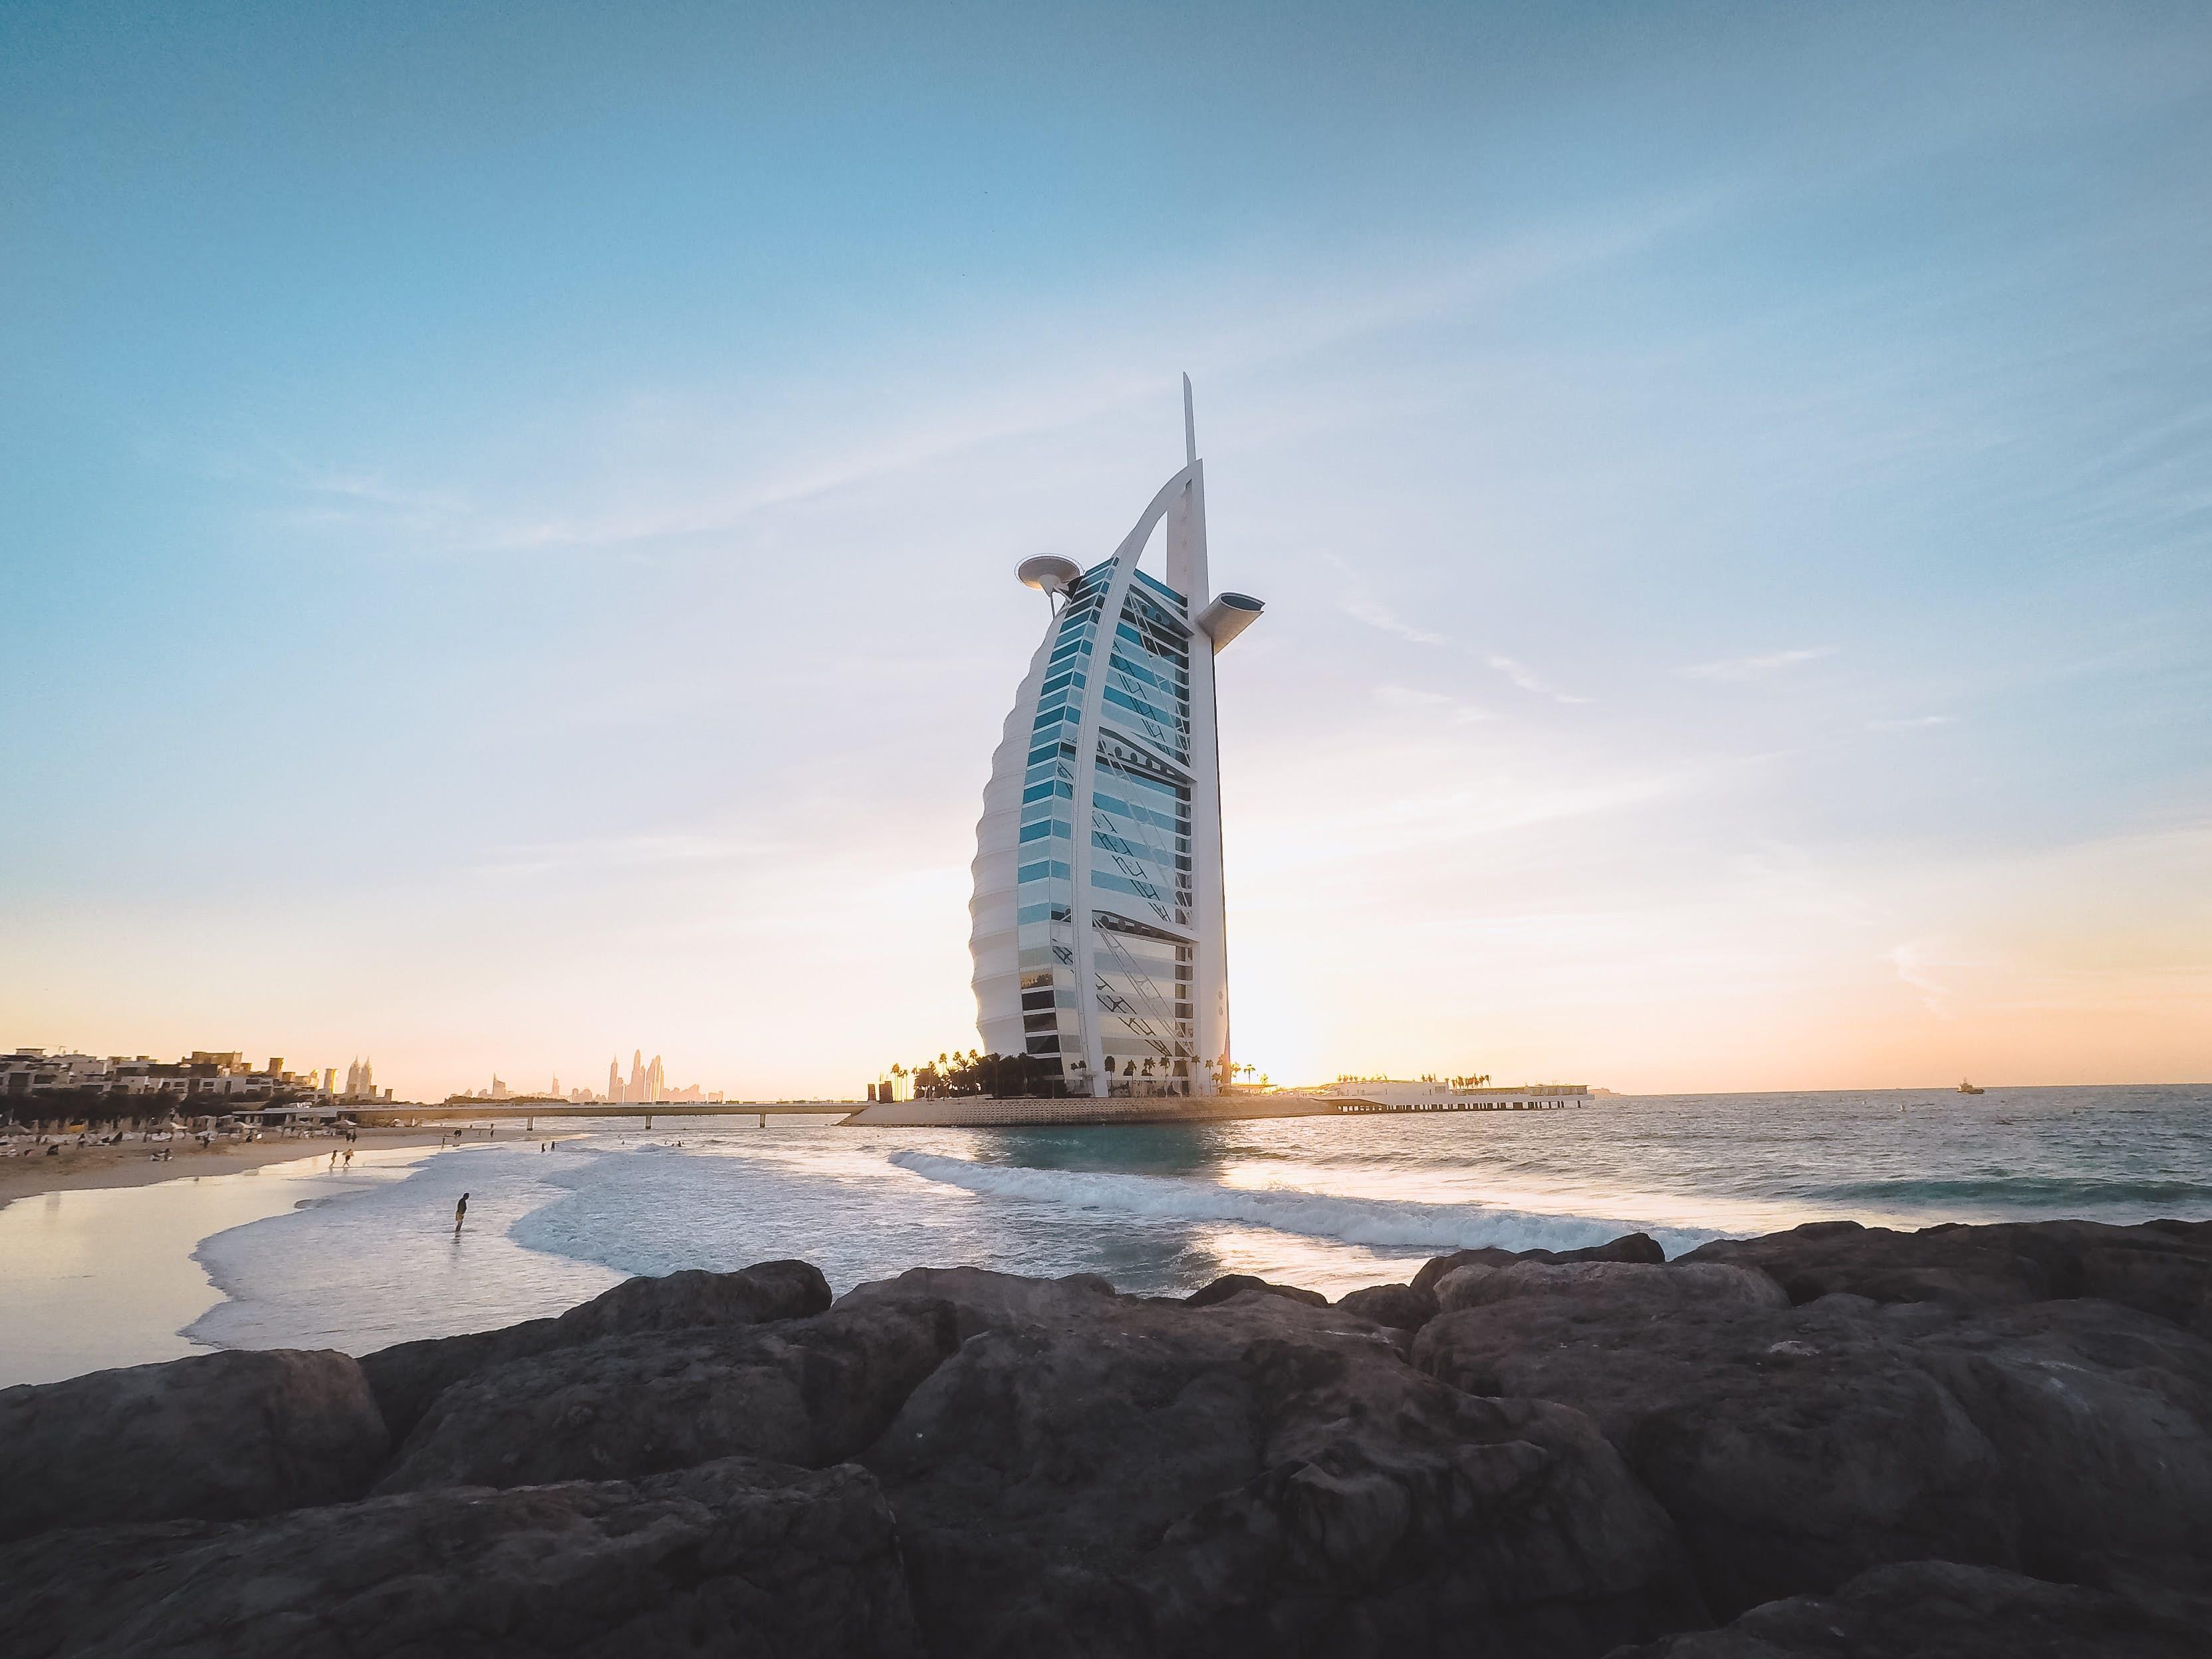 United Arab Emirates image